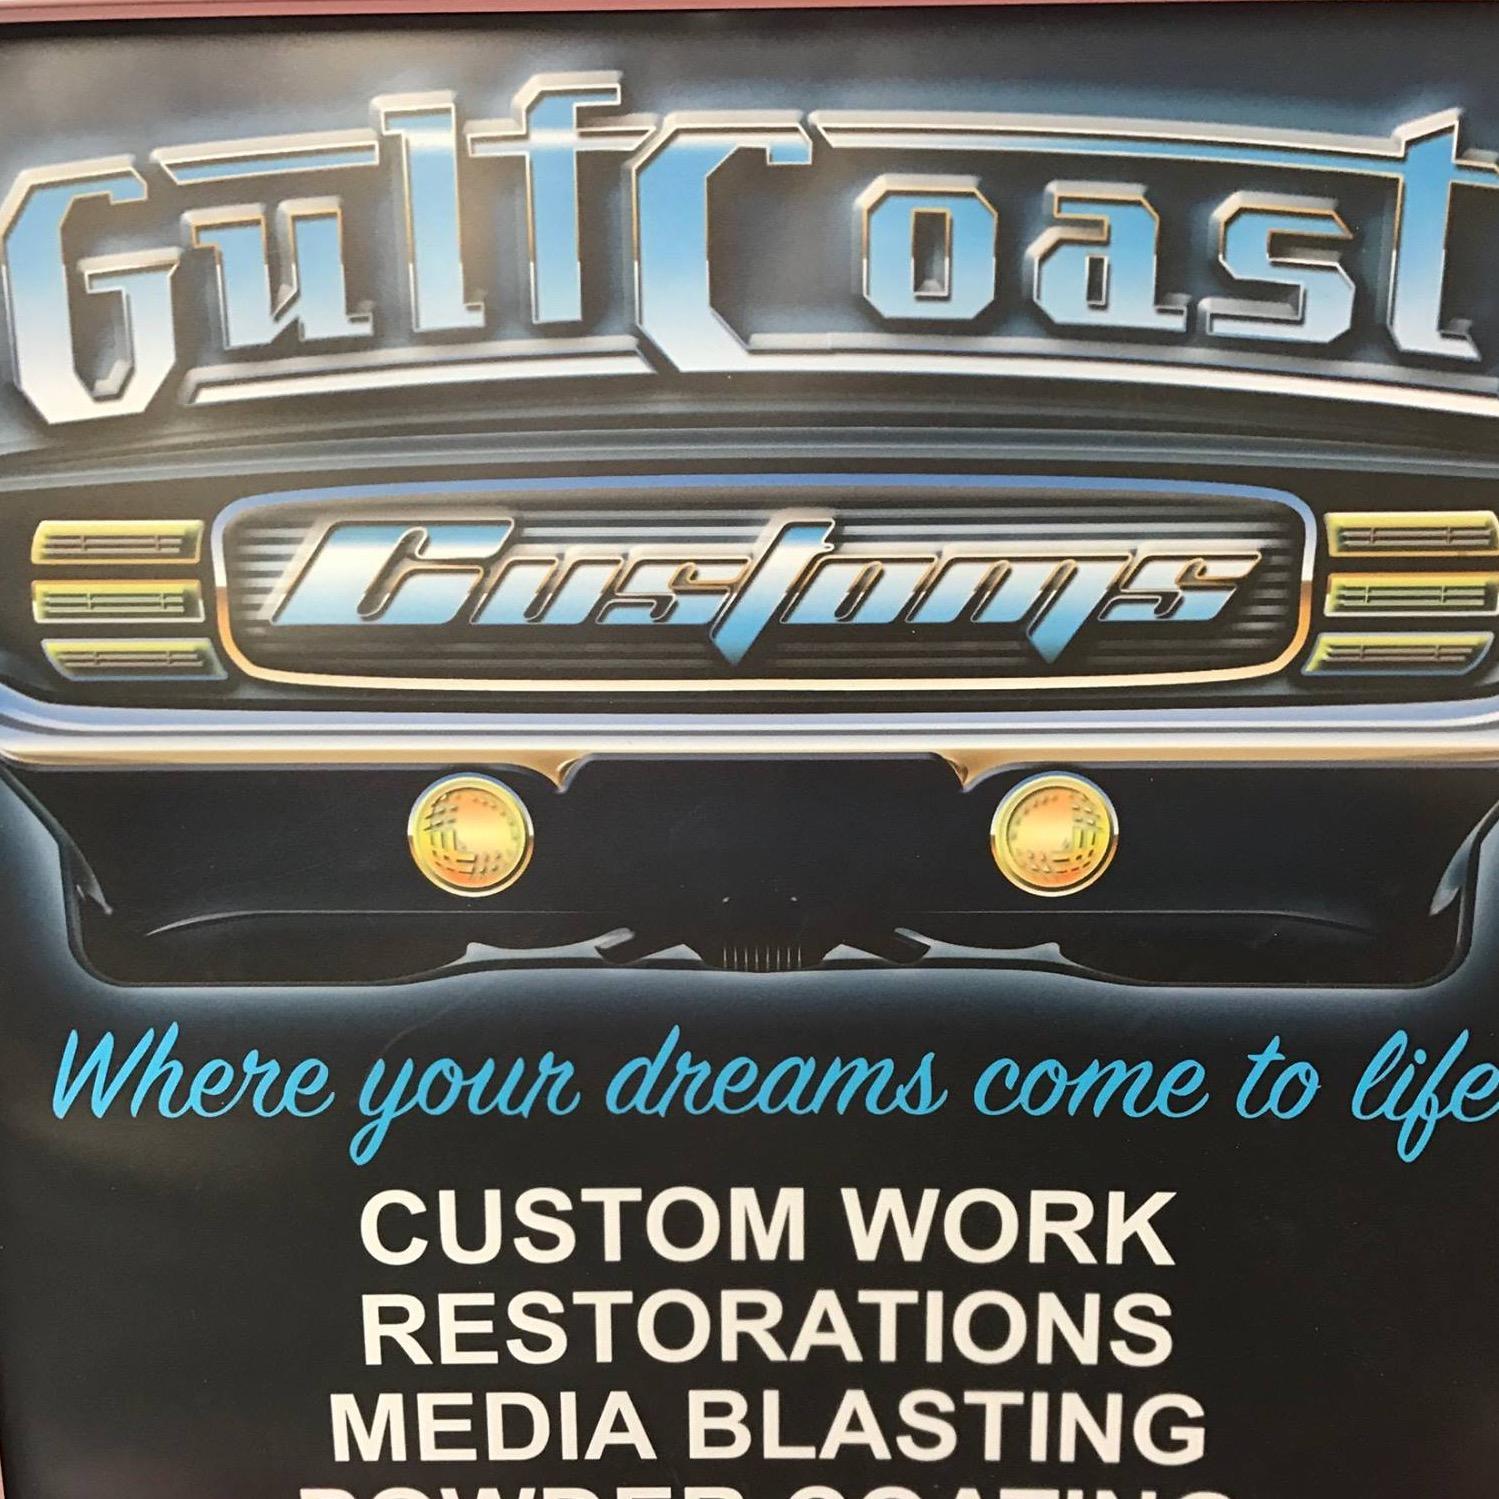 Gulf Coast Customs - Mandeville, LA - Auto Dealers